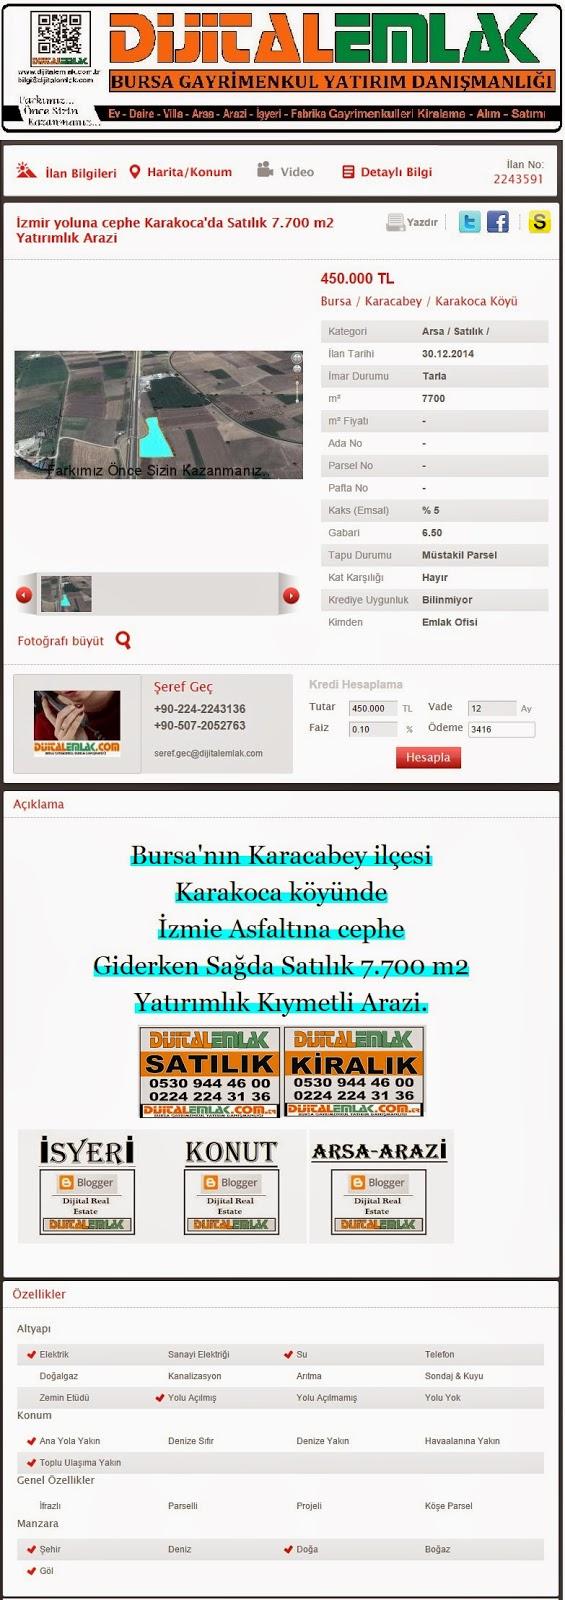 http://www.dijitalemlak.com.tr/ilan/2243591_izmir-yoluna-cephe-karakocada-satilik-7700-m2-yatirimlik-arazi.html